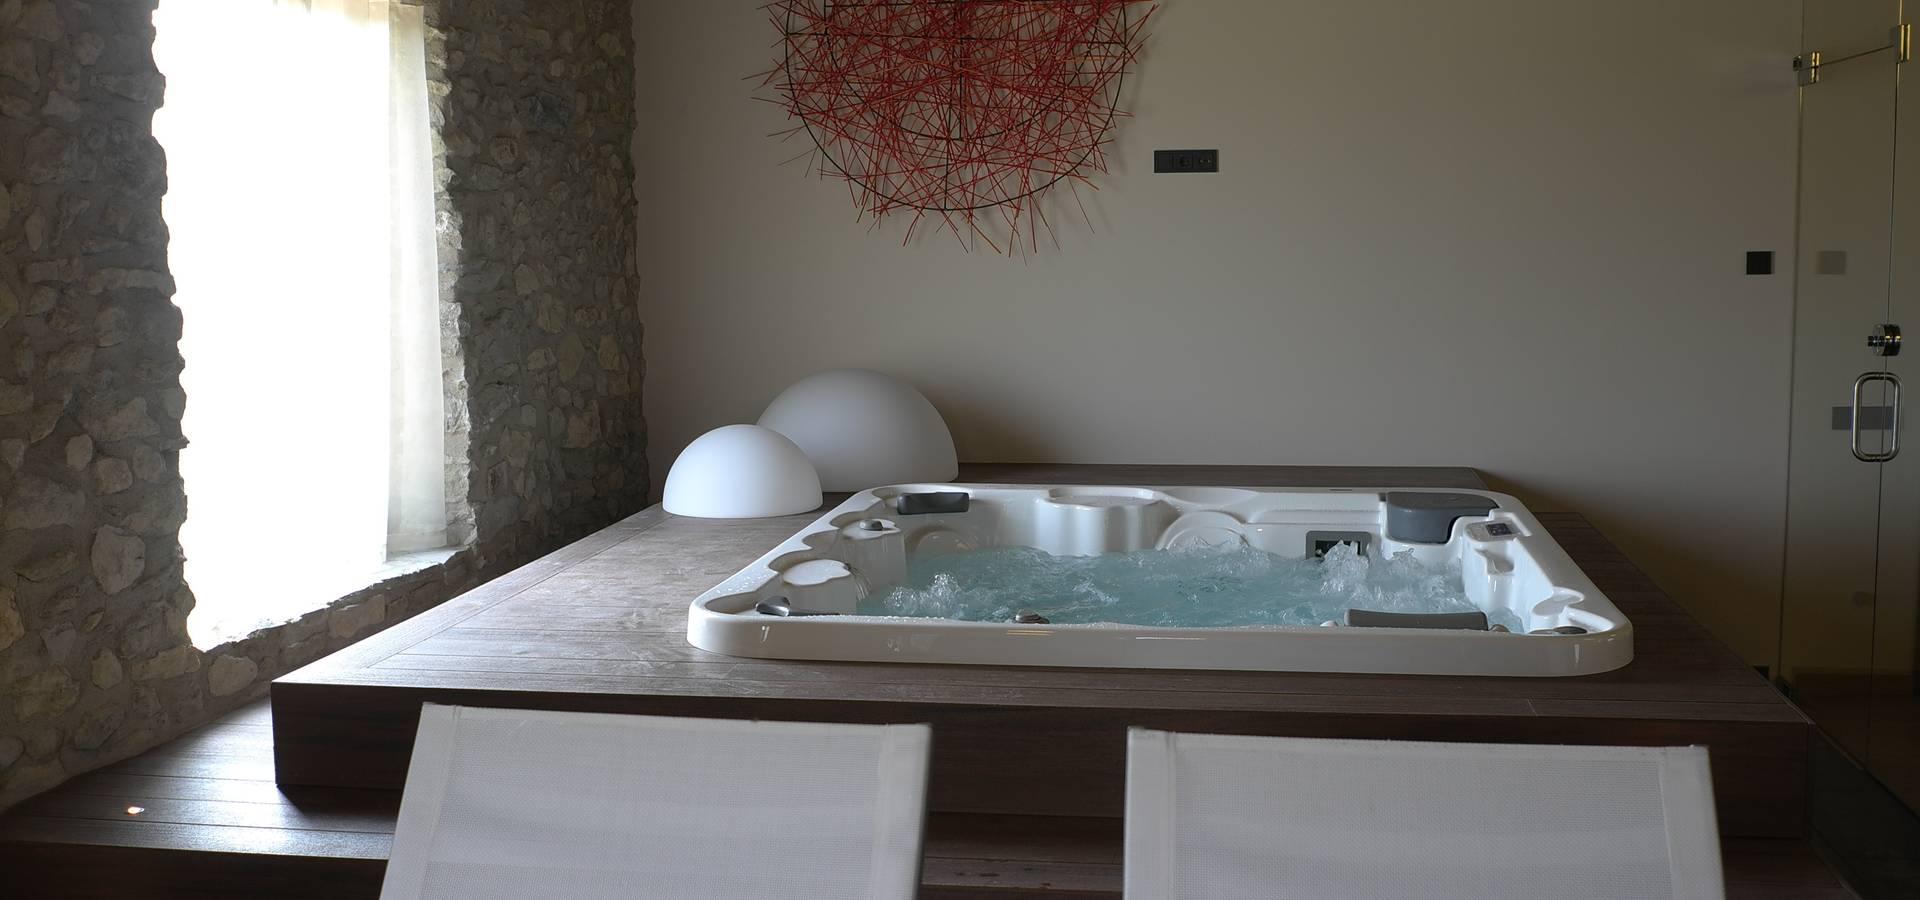 Kits interiorisme decoradores y dise adores de interiores - Decoradores de interiores barcelona ...